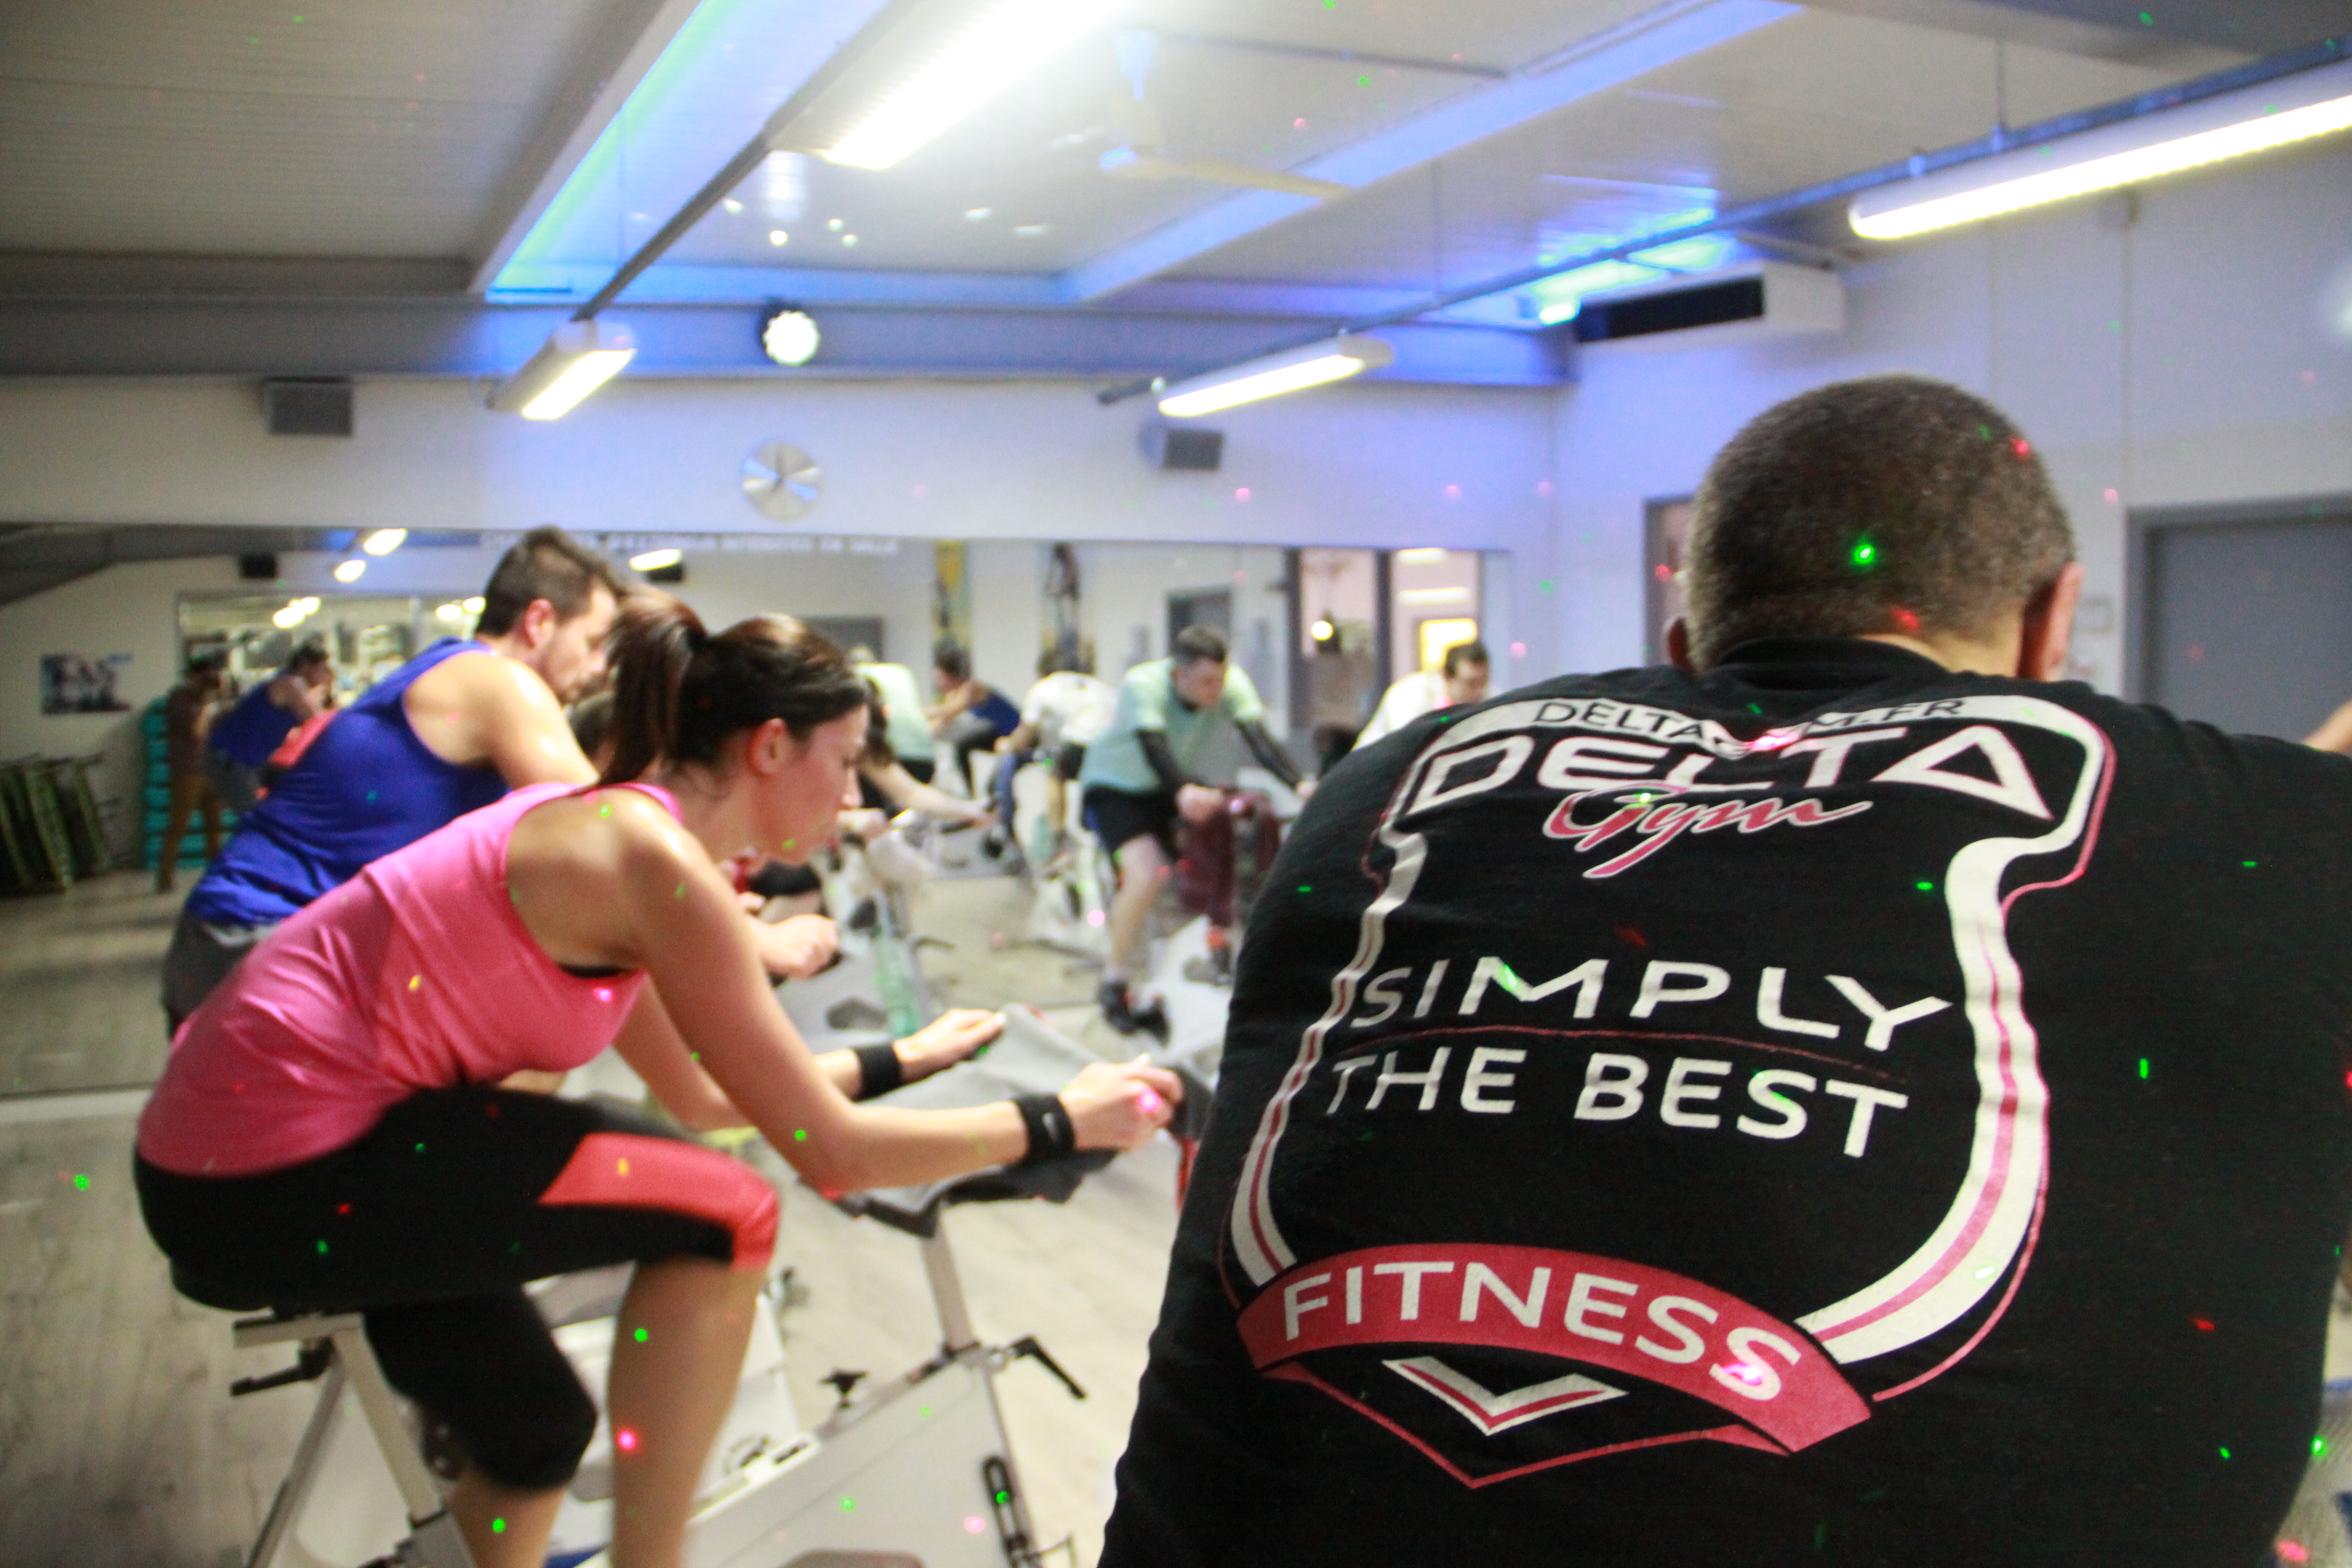 Delta Gym / RPM  à thonon